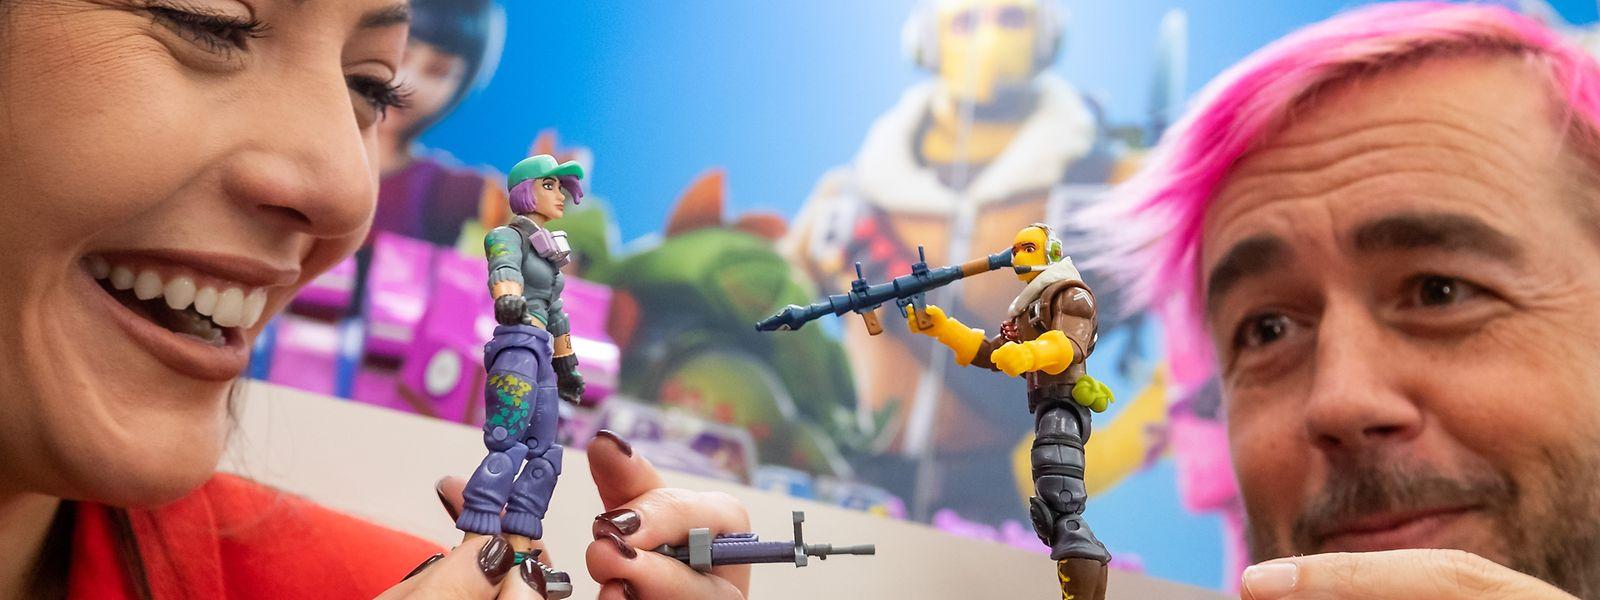 Ashley und Mike präsentieren spielen während der Neuheitenschau der Spielwarenmesse mit zwei Figuren von Jazwares aus dem Action-Building-Spiel Fortnite.